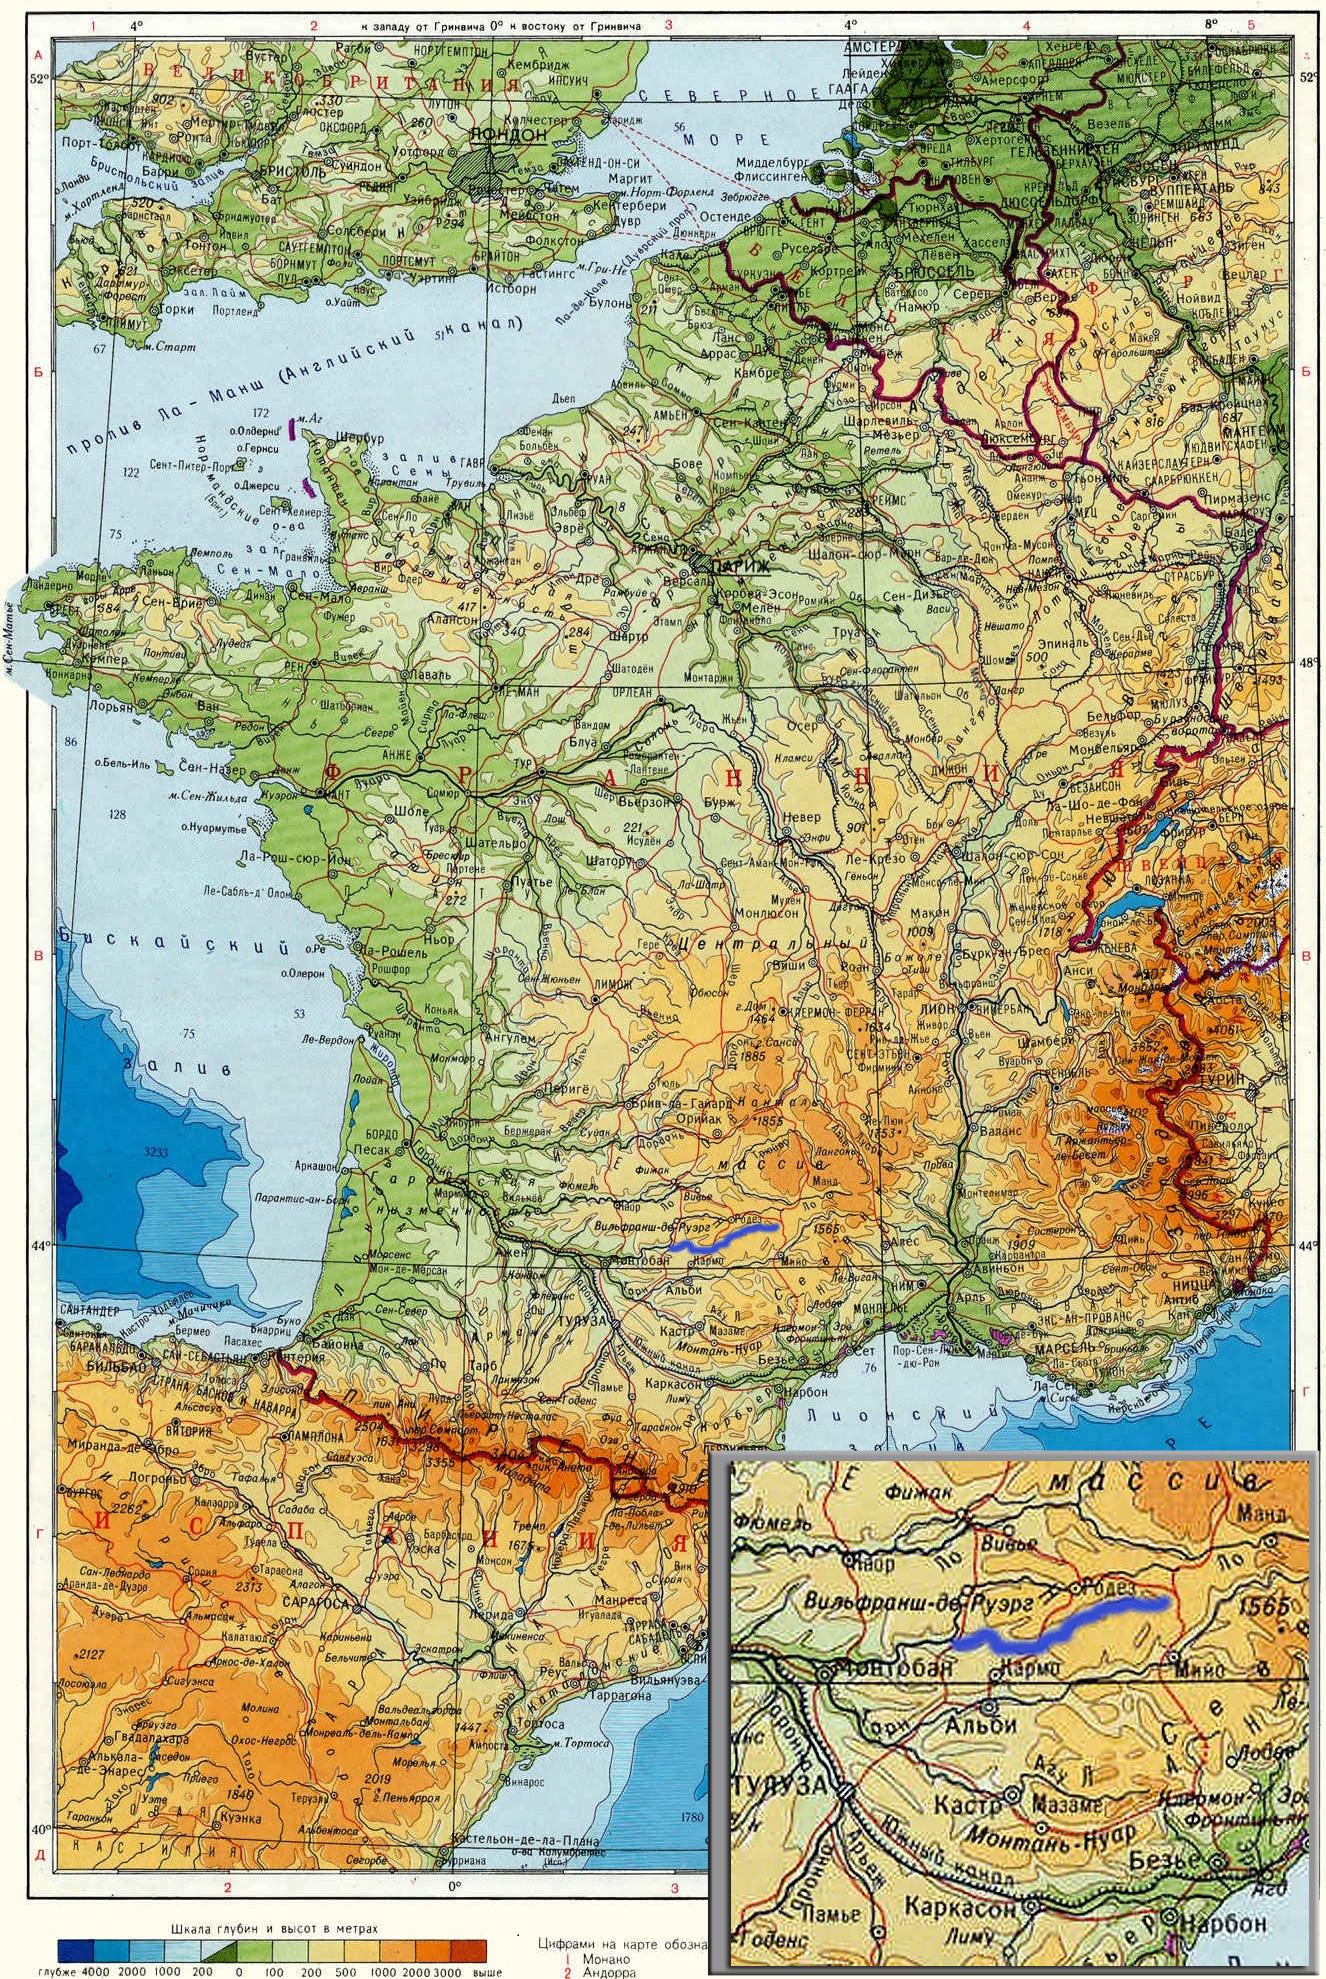 Река Вьор (Viaur) на карте